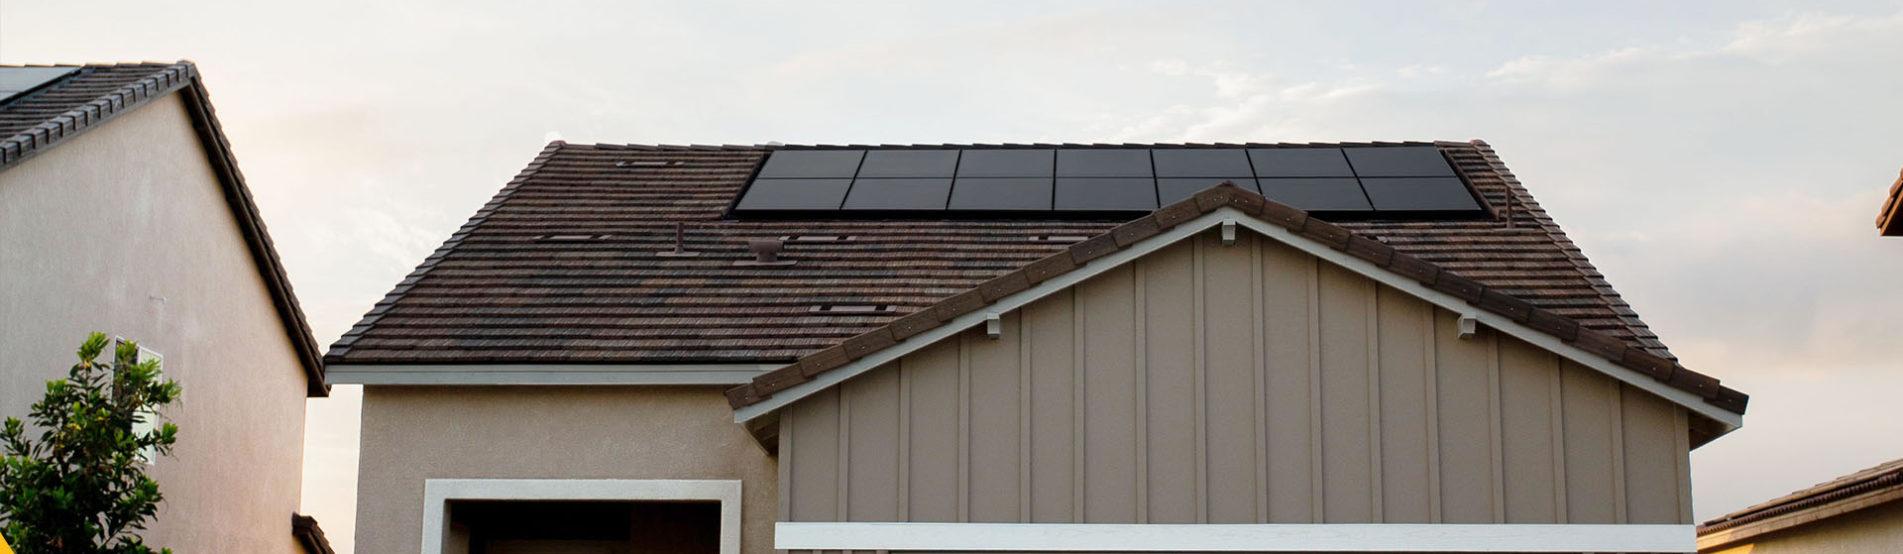 TODOS OS ELETRODOMÉSTICOS E APARELHOS PODEM SER MOVIDOS A ENERGIA SOLAR?